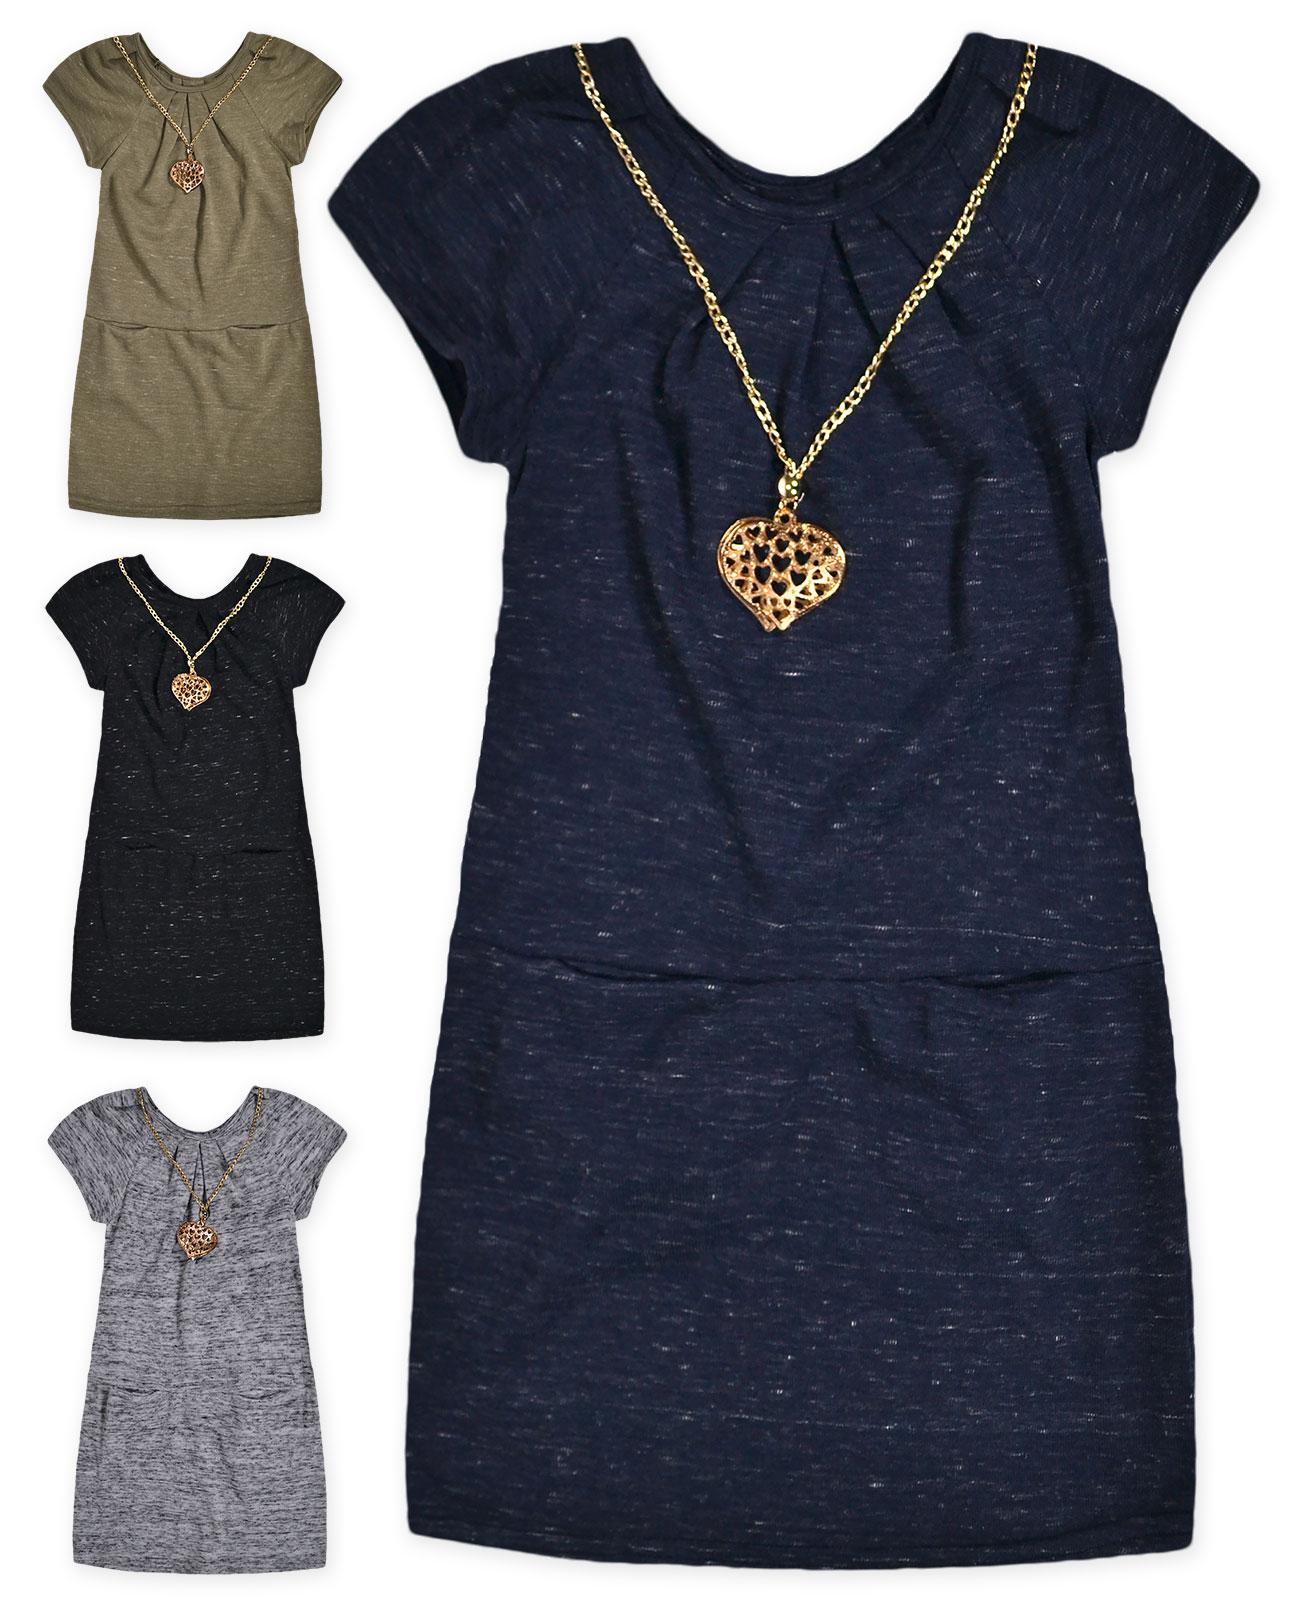 Girls Short Sleeved Aztec T Shirt New Kids Summer Top Grey Pink Blue 5-13 Years